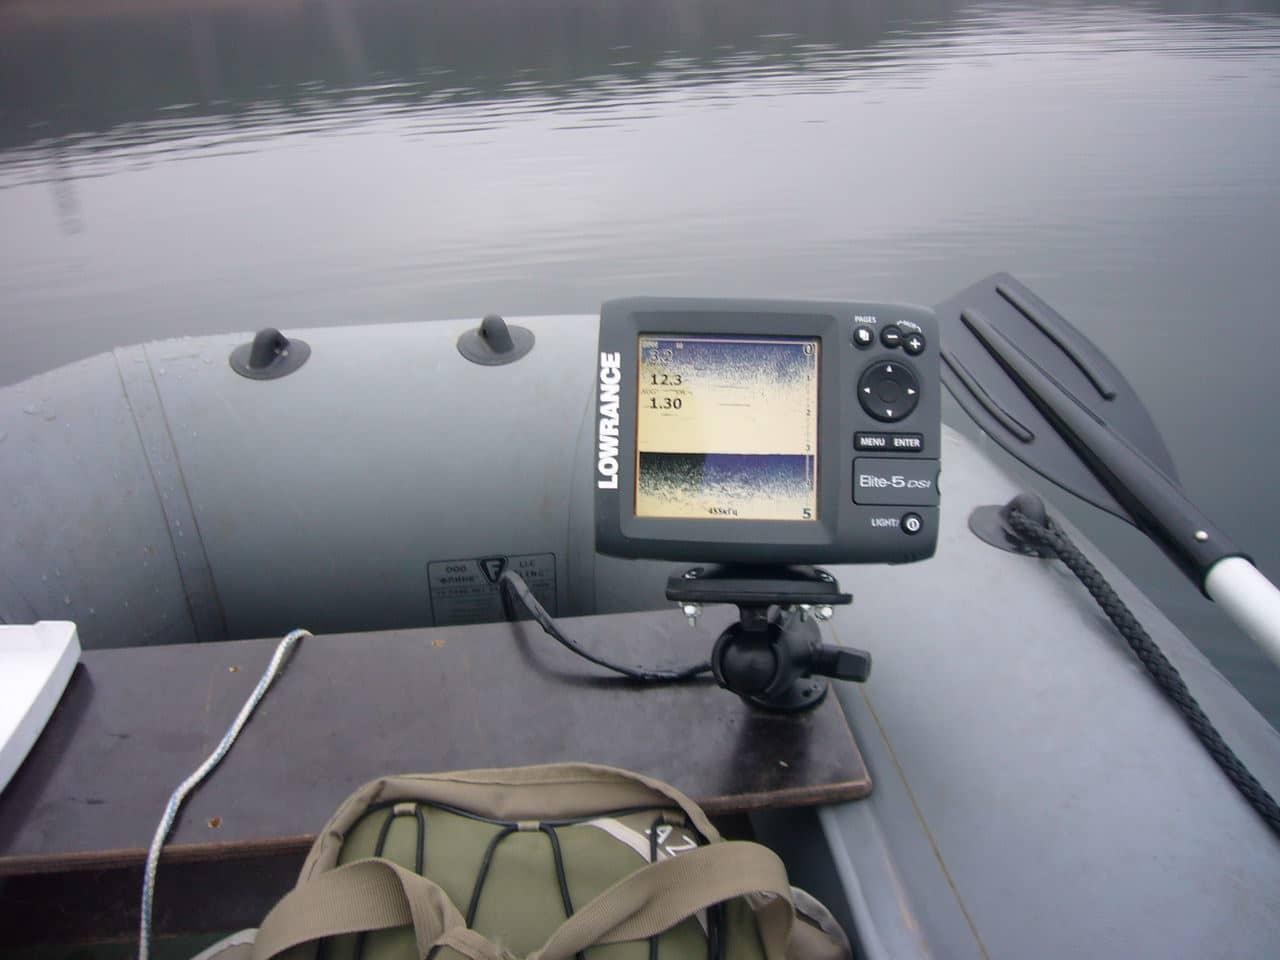 Лучшие эхолоты для рыбалки с лодки: топ бюджетных и дорогих моделей. обзор оптимальных удобных эхолотов